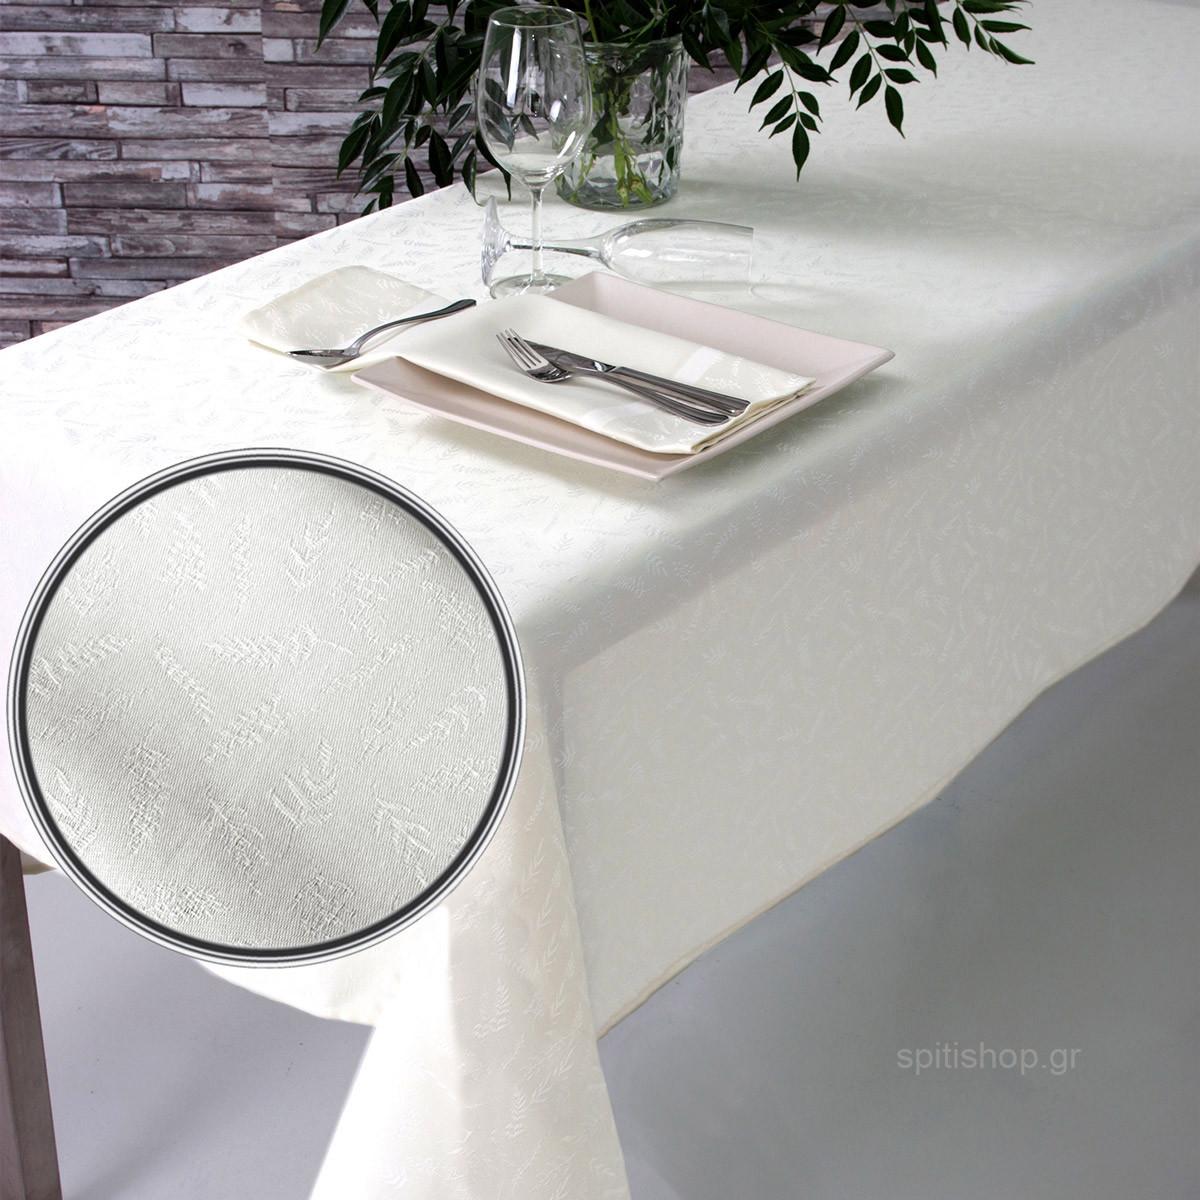 Πετσέτες Φαγητού (Σετ 2τμχ) Sb Home Leaves Cream